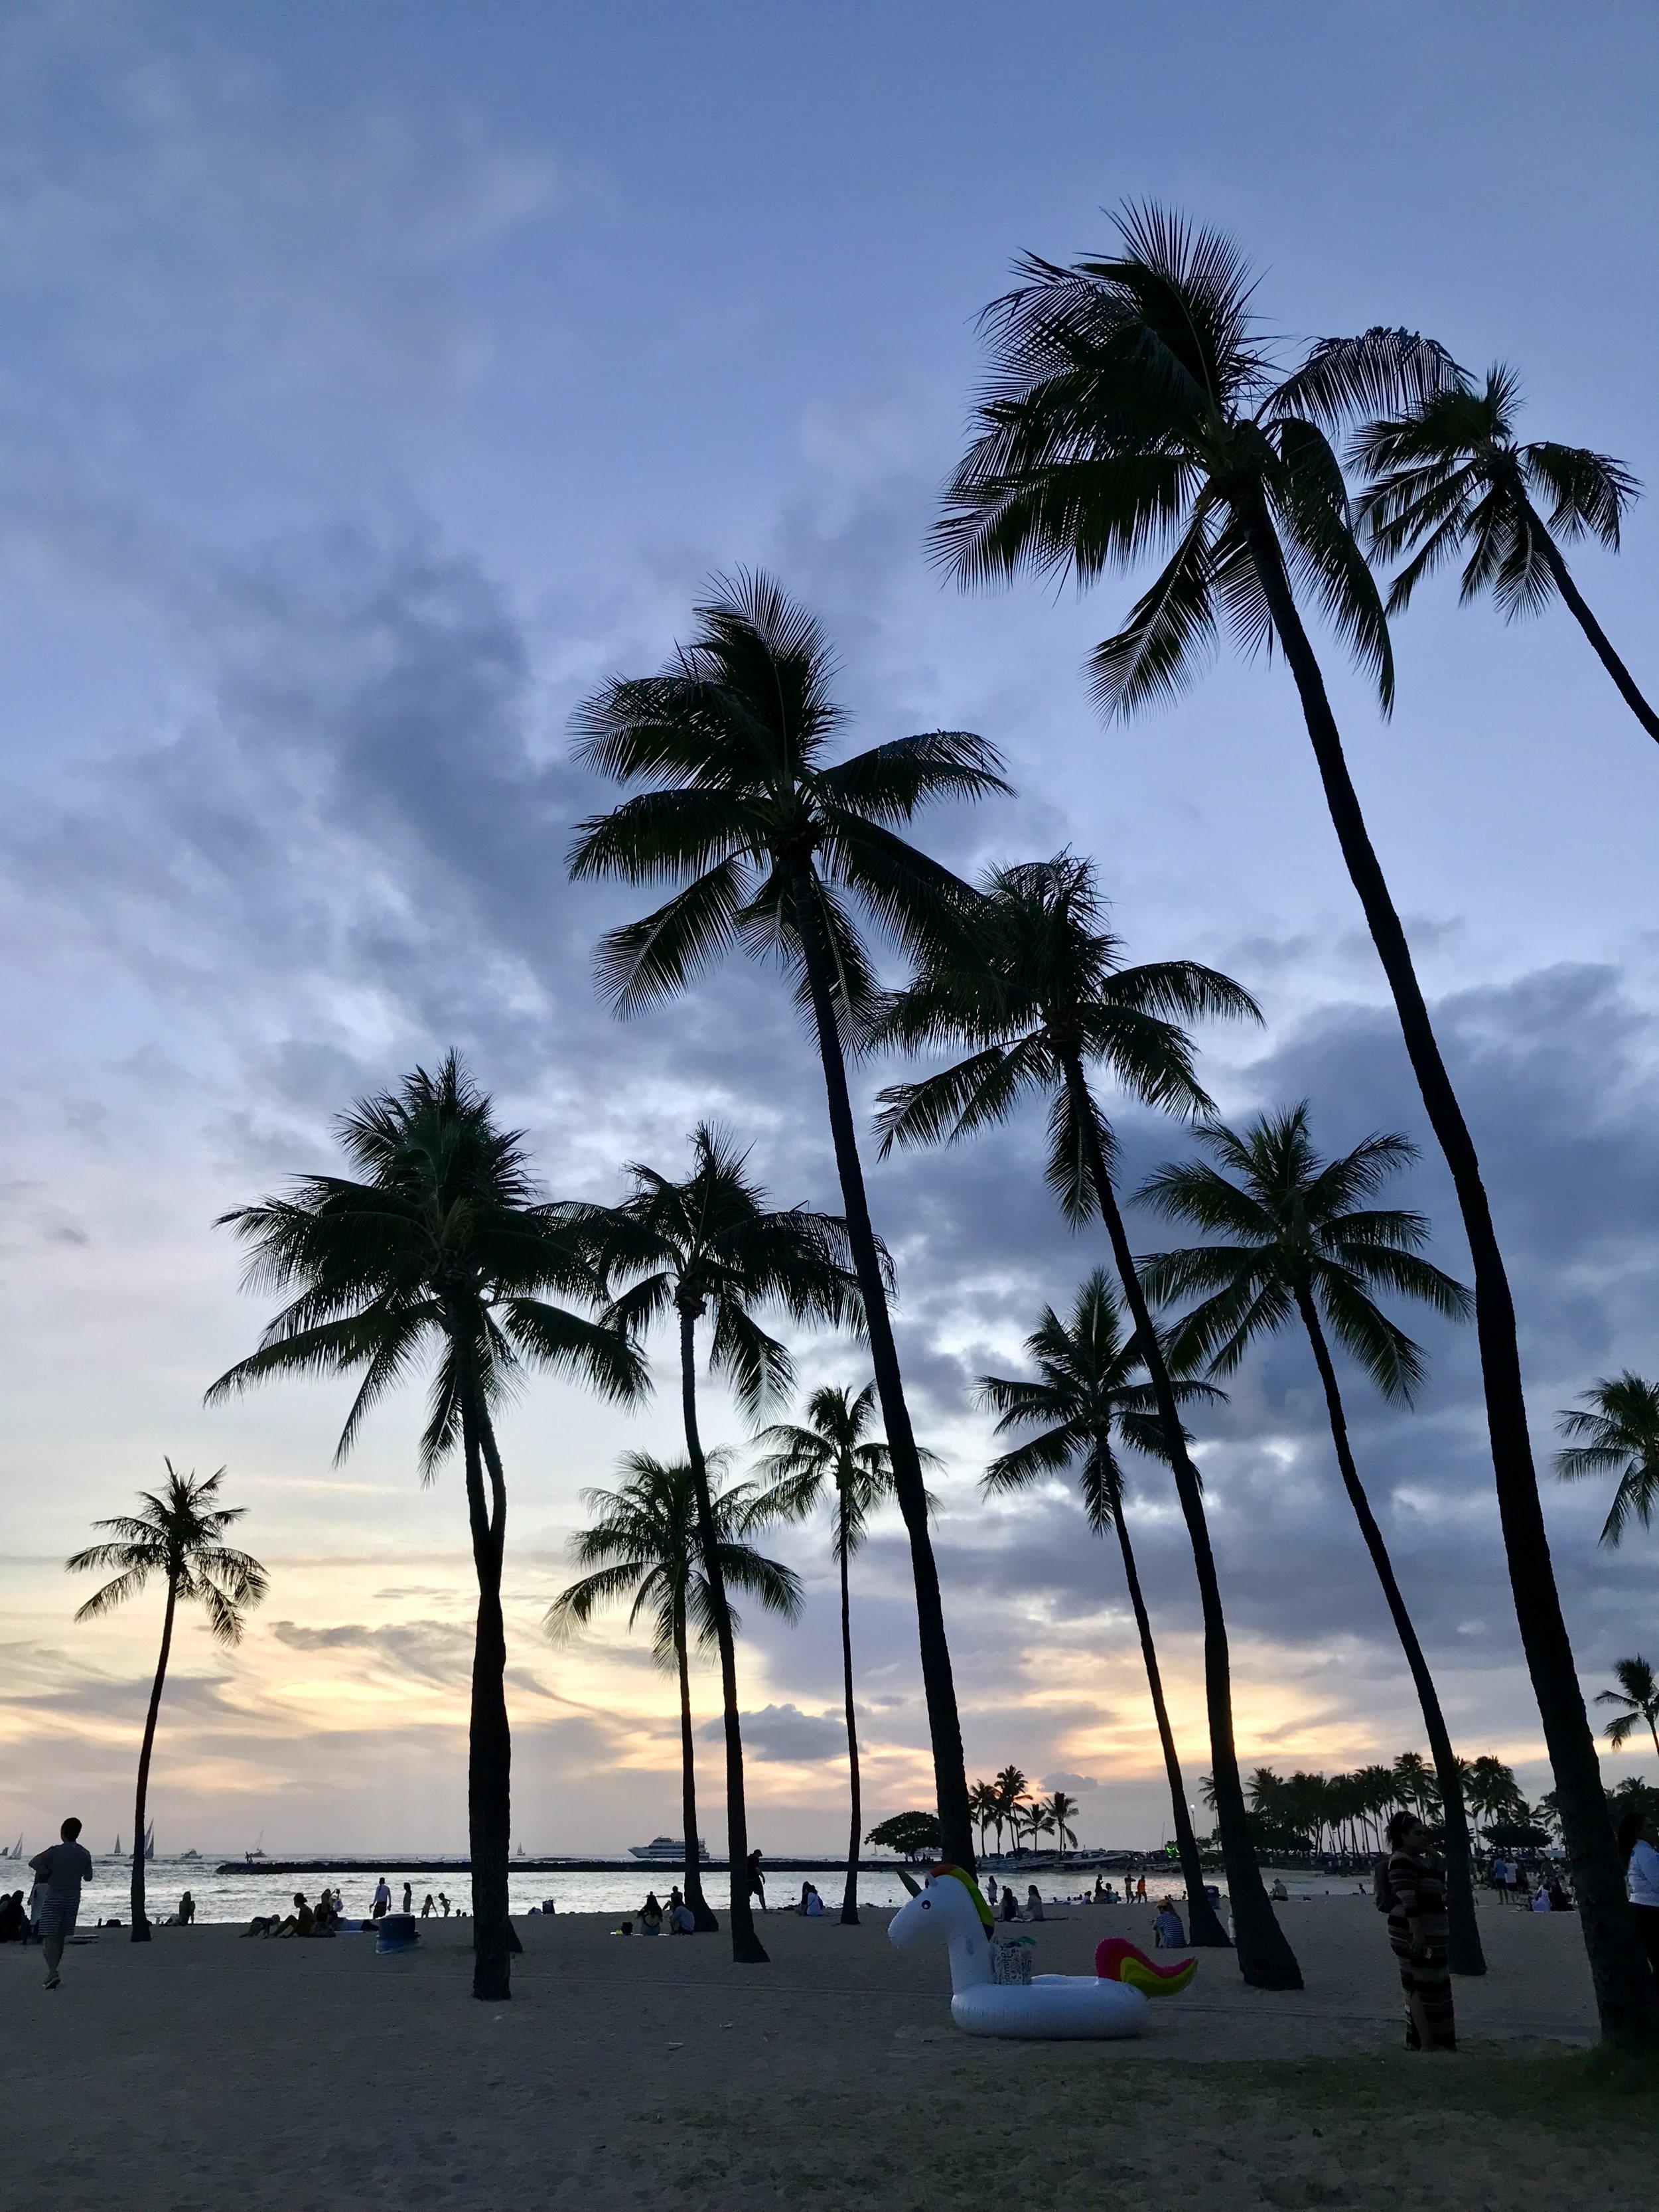 Sunset at Waikiki Beach Honolulu